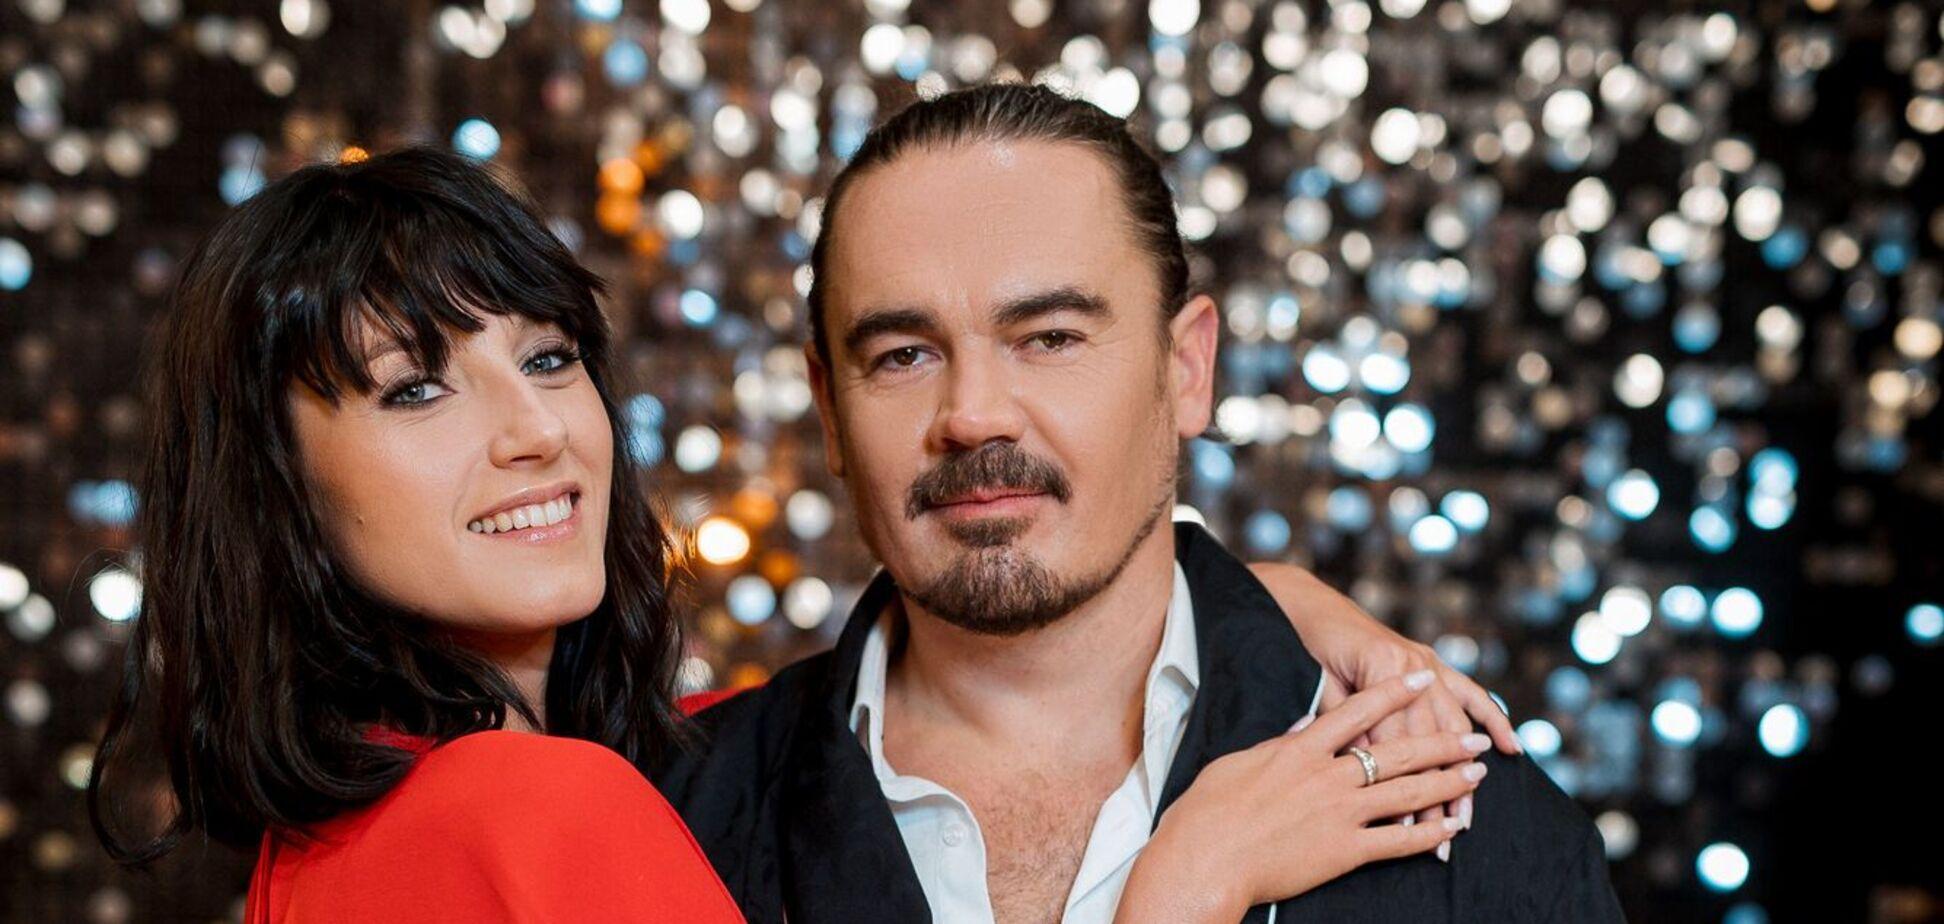 Соліст ТНМК Фагот про стосунки з партнеркою по 'Танцях з зірками': не потрібно навішувати зайвого. Ексклюзивне інтерв'ю